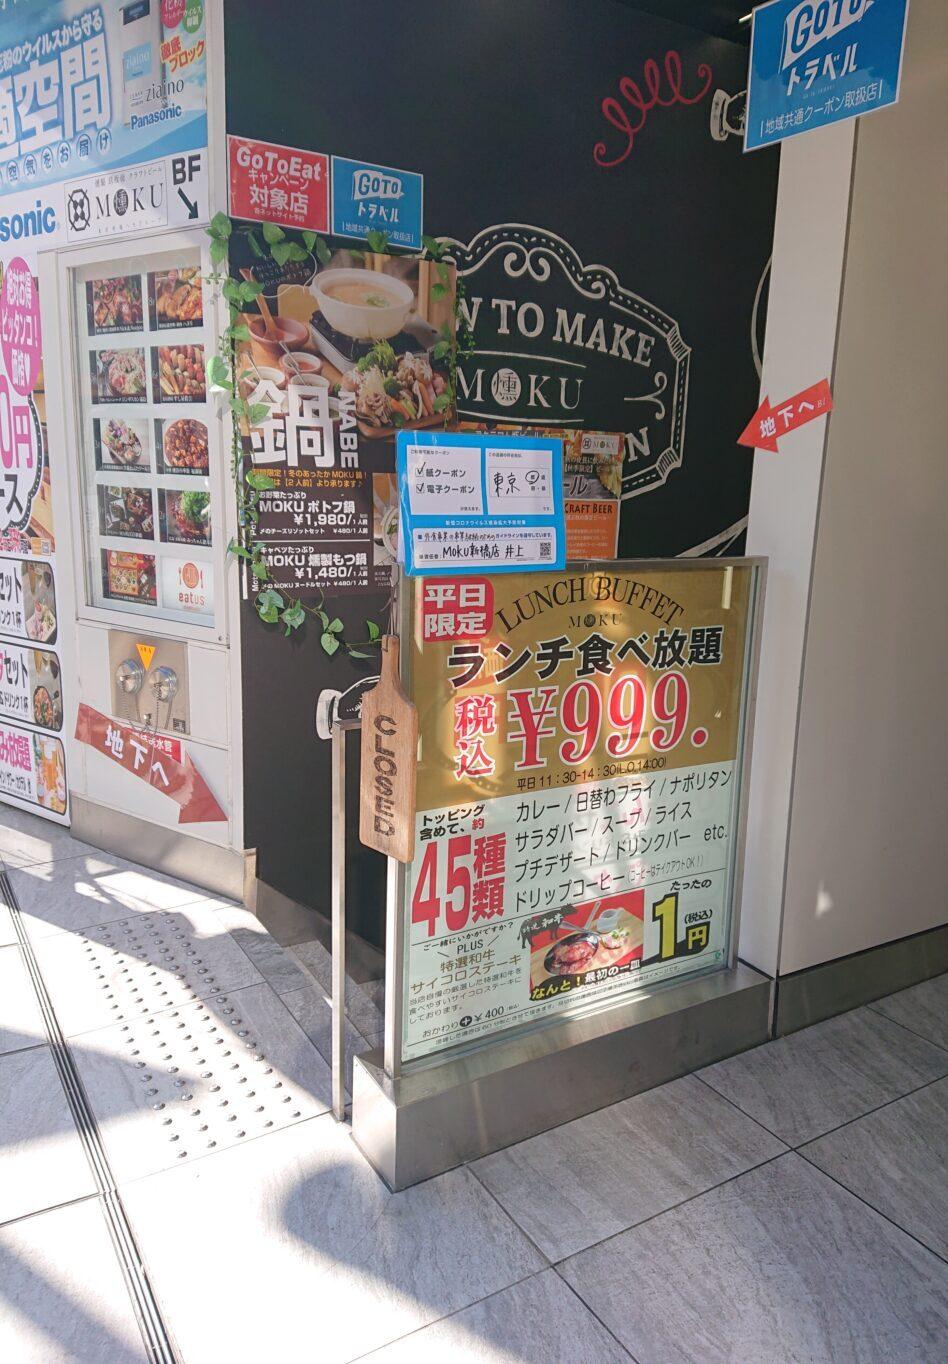 燻製 鉄板焼 クラフトビール MOKU 新橋店  入口